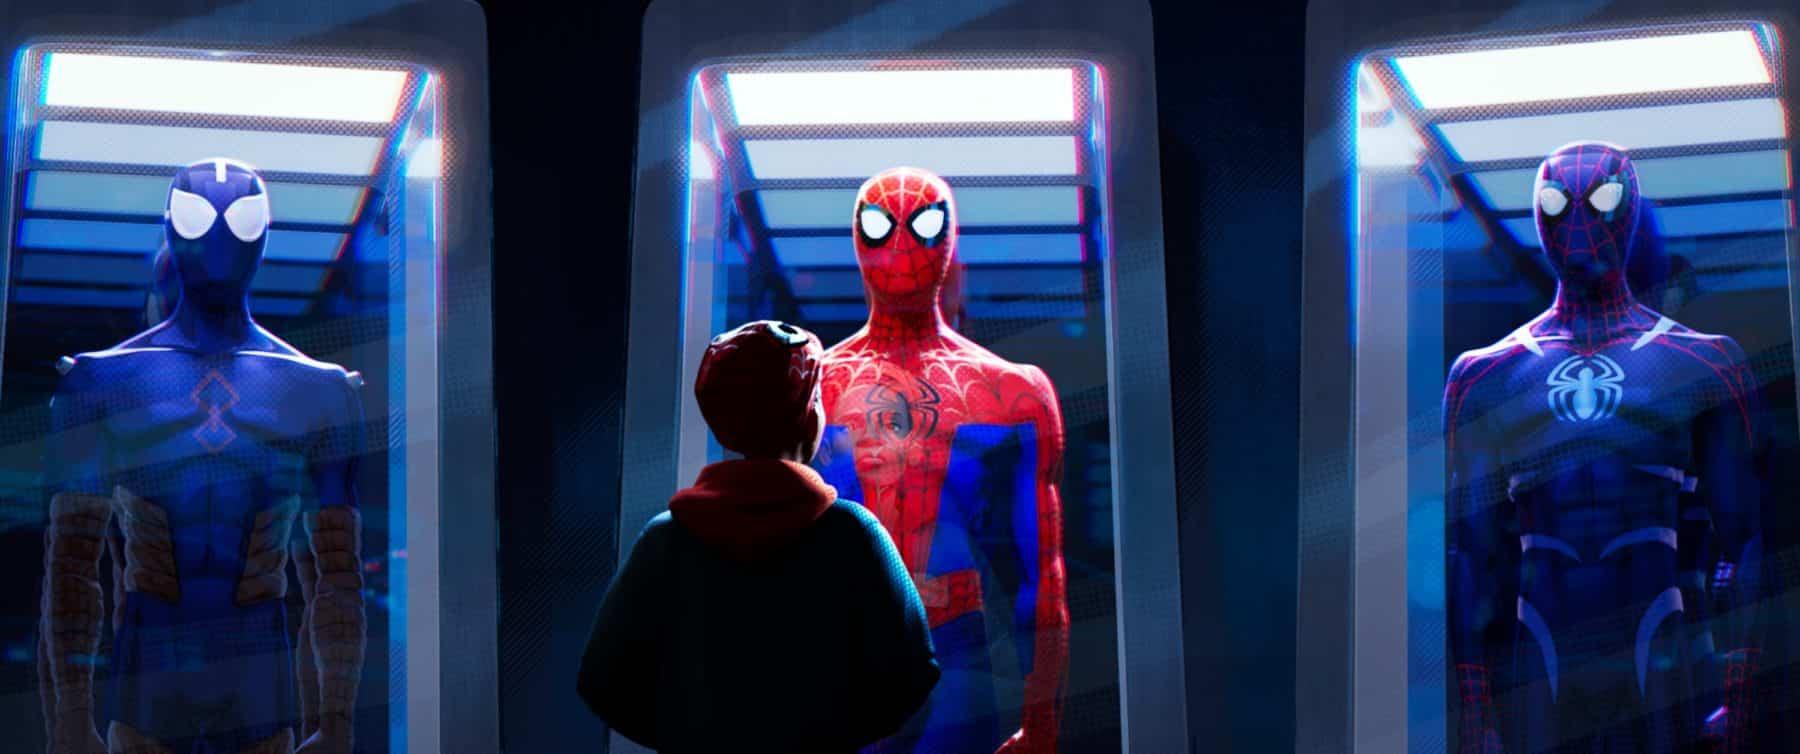 Tráiler de Spider-Man: Into the Spider-Verse presenta a Spider-Ham, Spider-Man Noir y Penny Parker en película animada